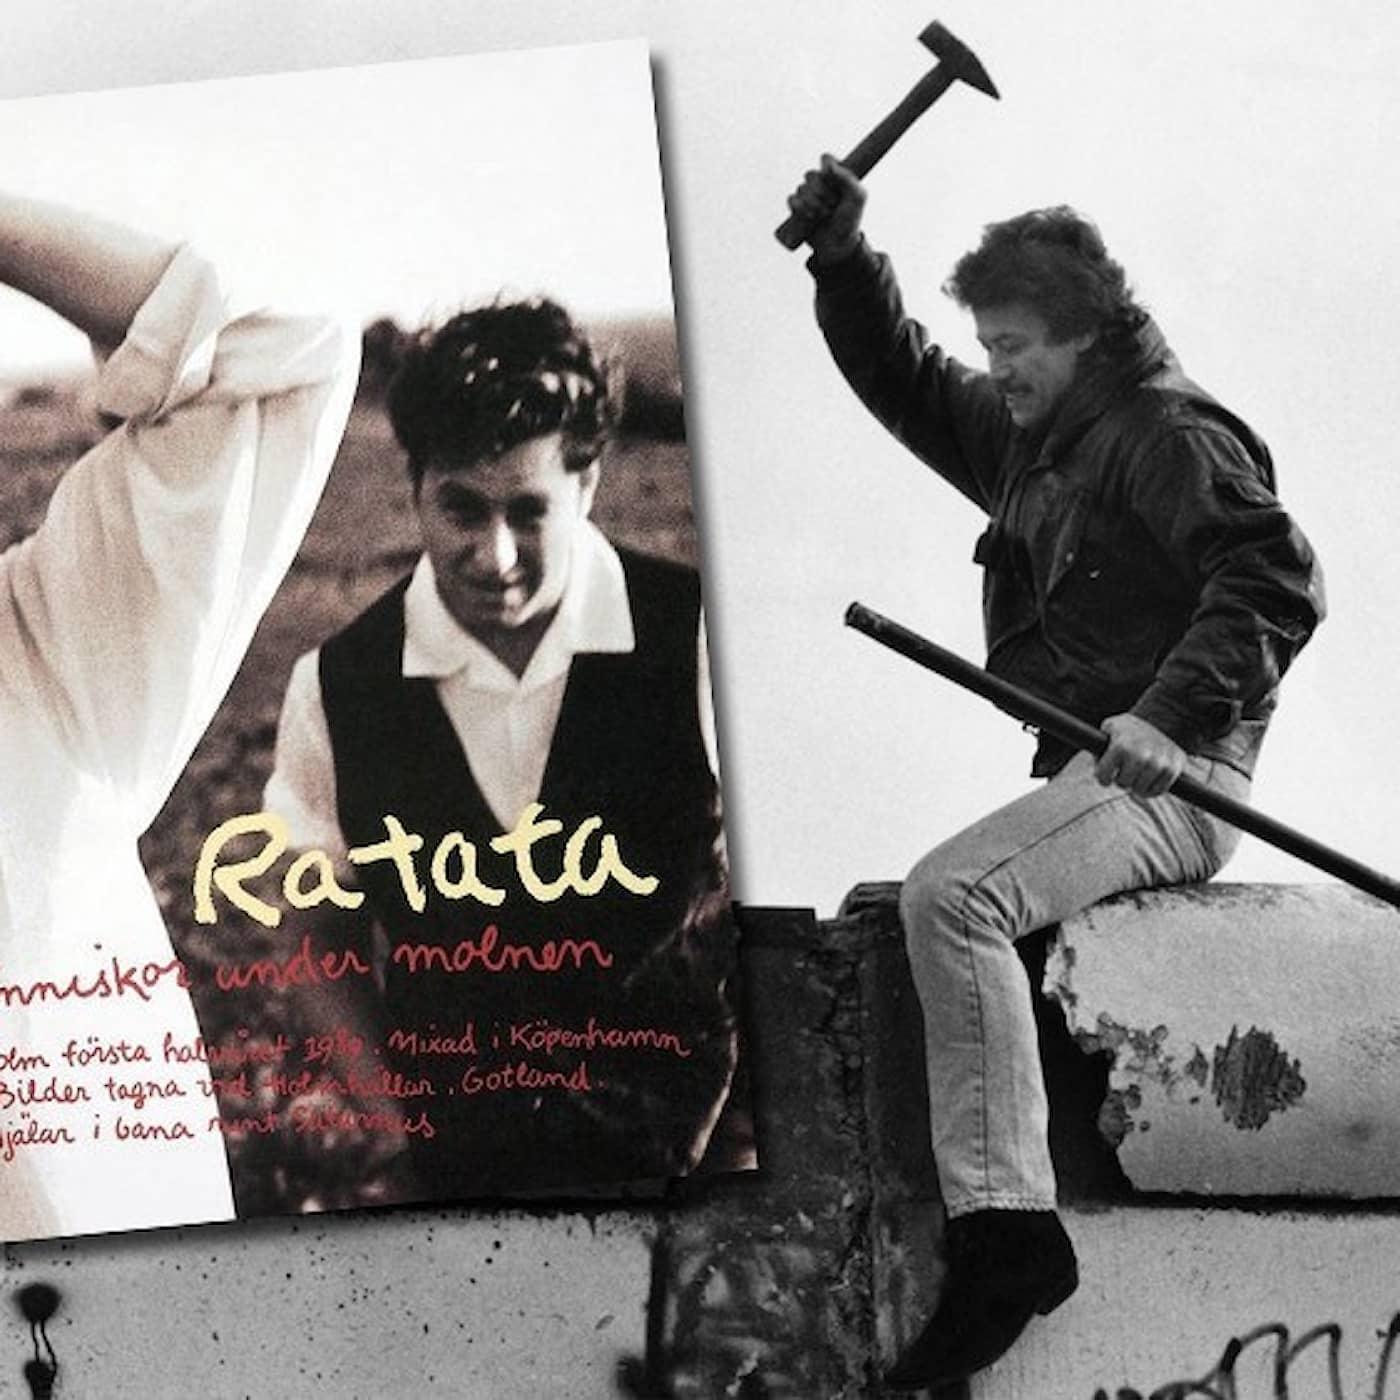 """""""Människor under molnen"""" – hur Ratata fångade sin samtid"""